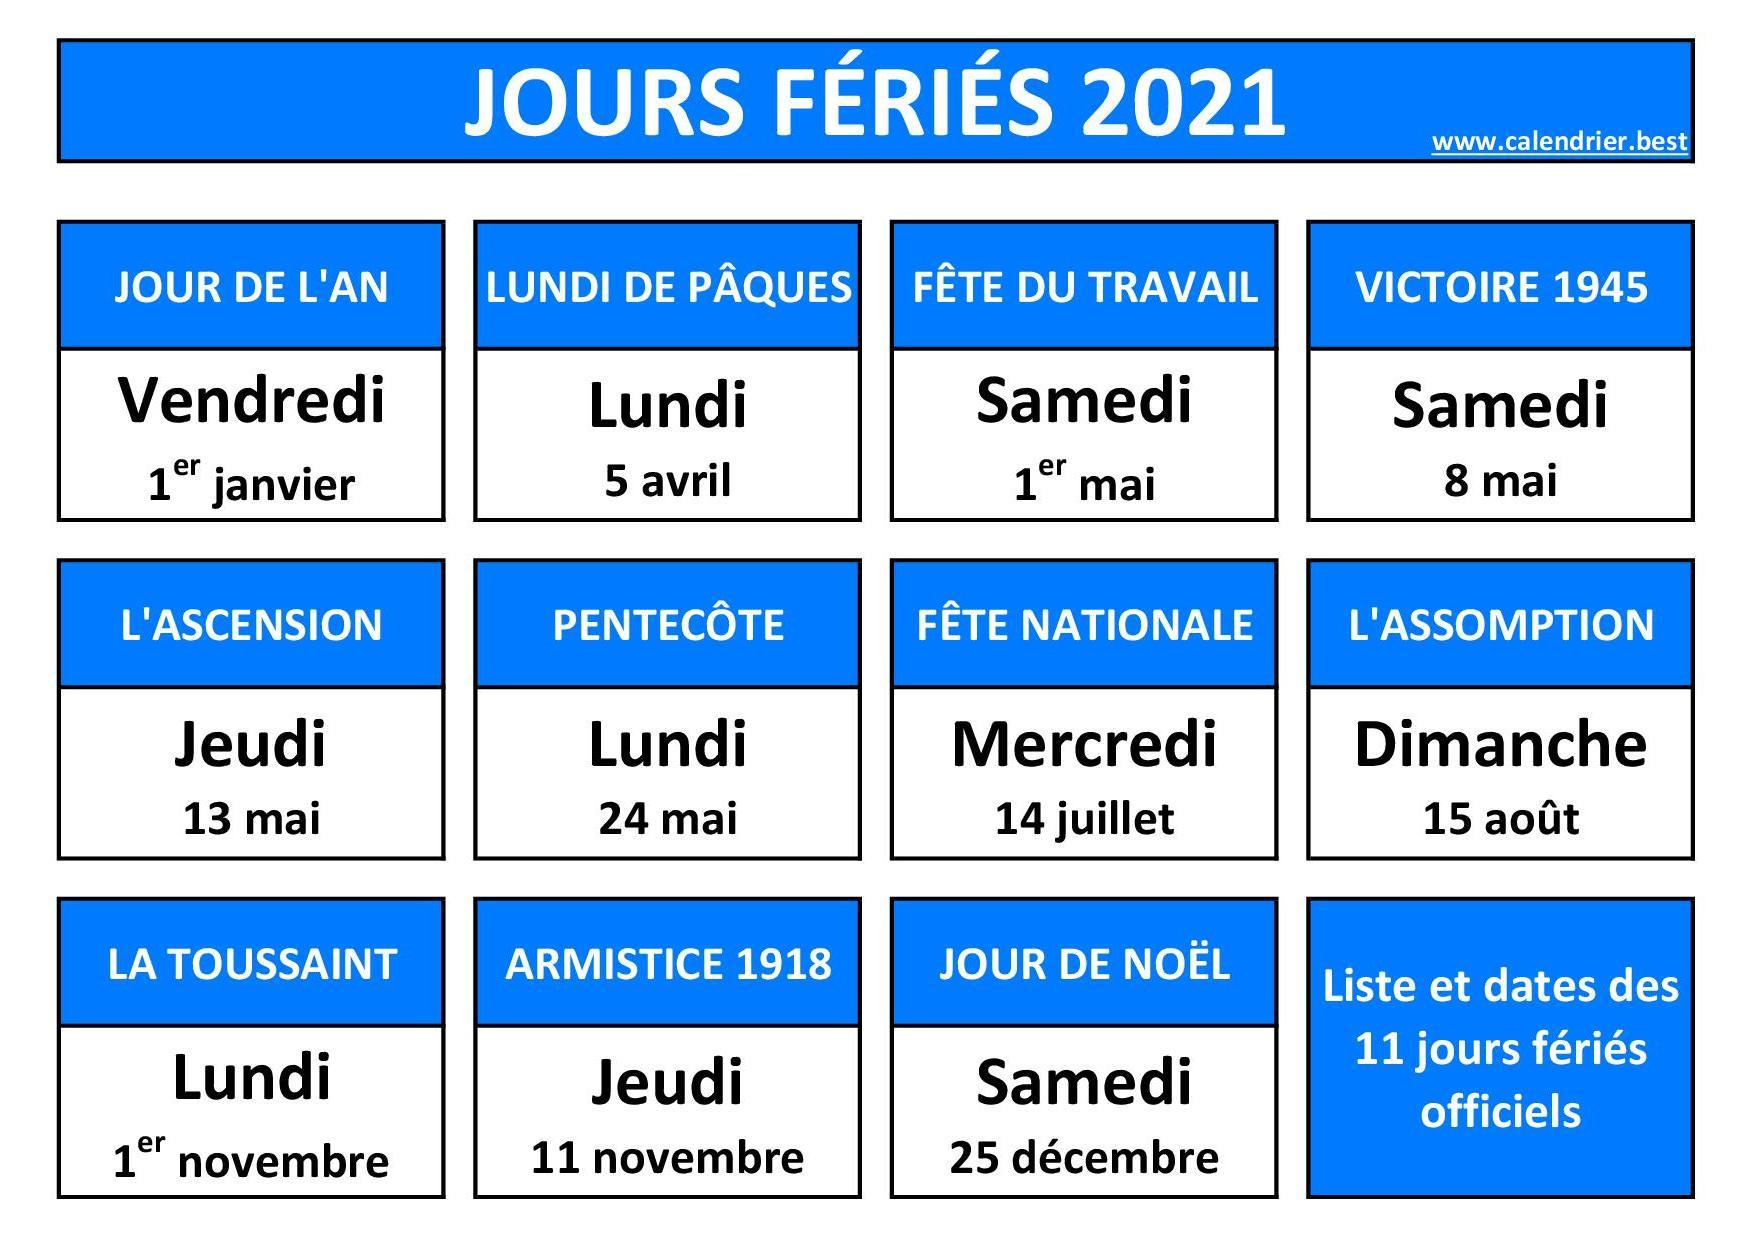 Jours fériés 2021 en France